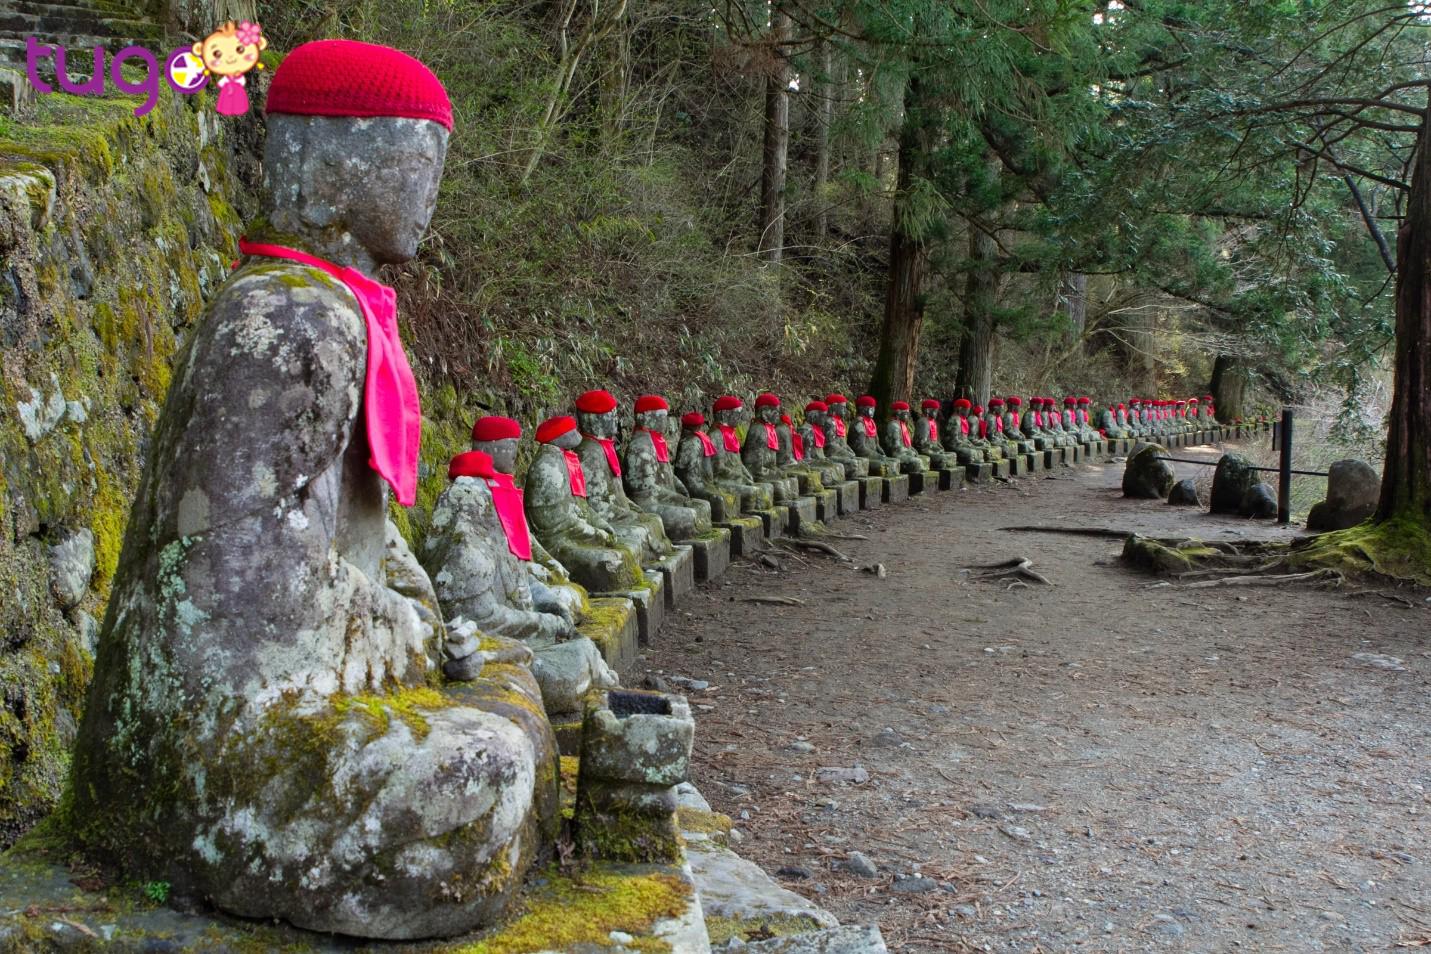 Tại vực Kanmangafuchi có khoảng 70 bức tượng đá Jizo - một vị Bồ Tát của Nhật Bản